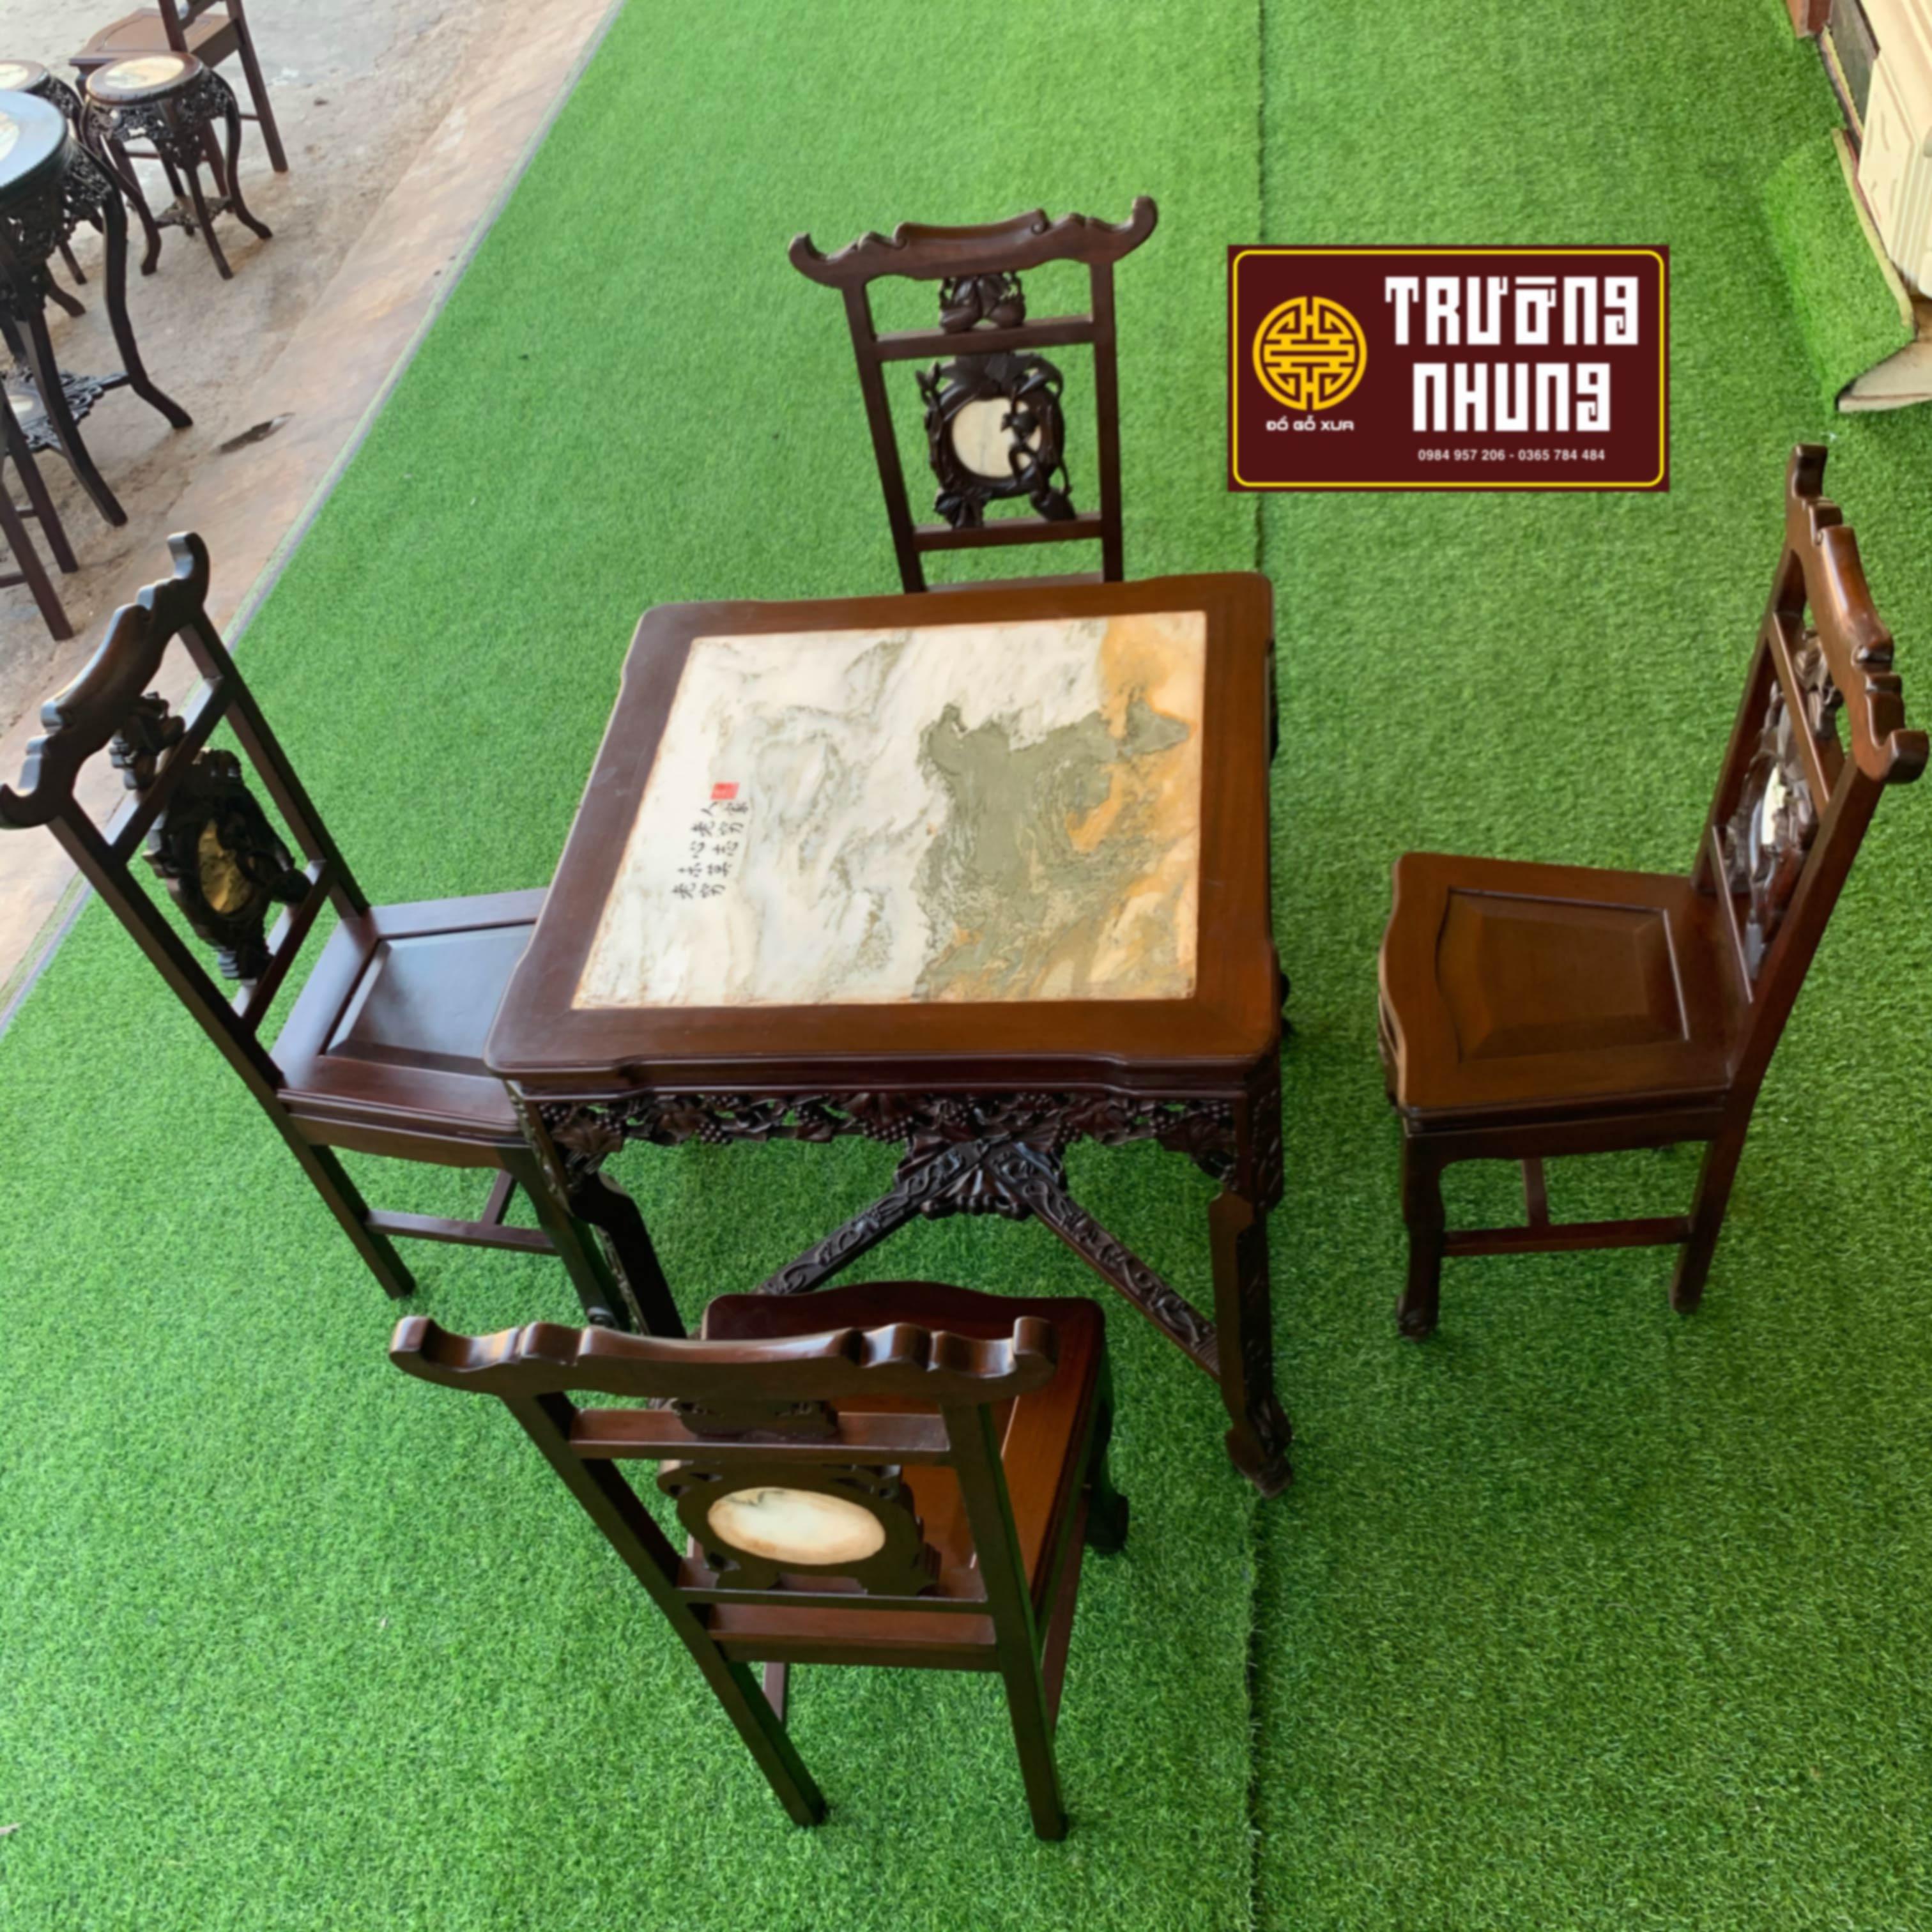 Bộ - ghế - ăn - 4 - ghế - gỗ - gụ - ĐỒ - GỖ - XƯA - TRƯỜNG - NHUNG